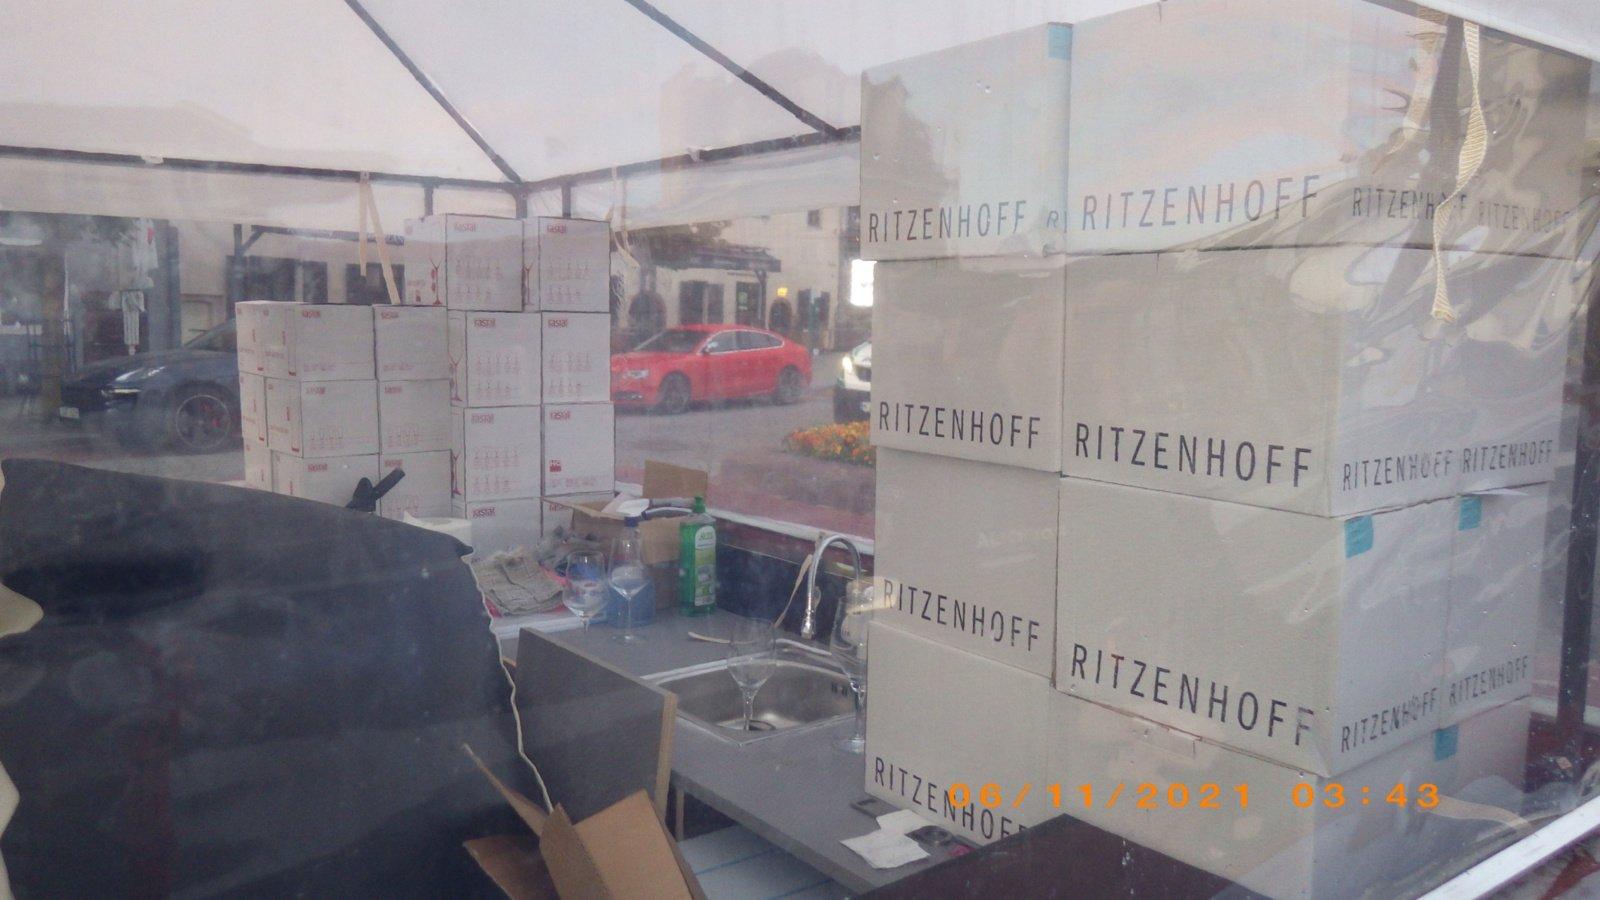 Vilniuje sulaikyti įtariamieji, iš paviljono pavogę alkoholinių gėrimų